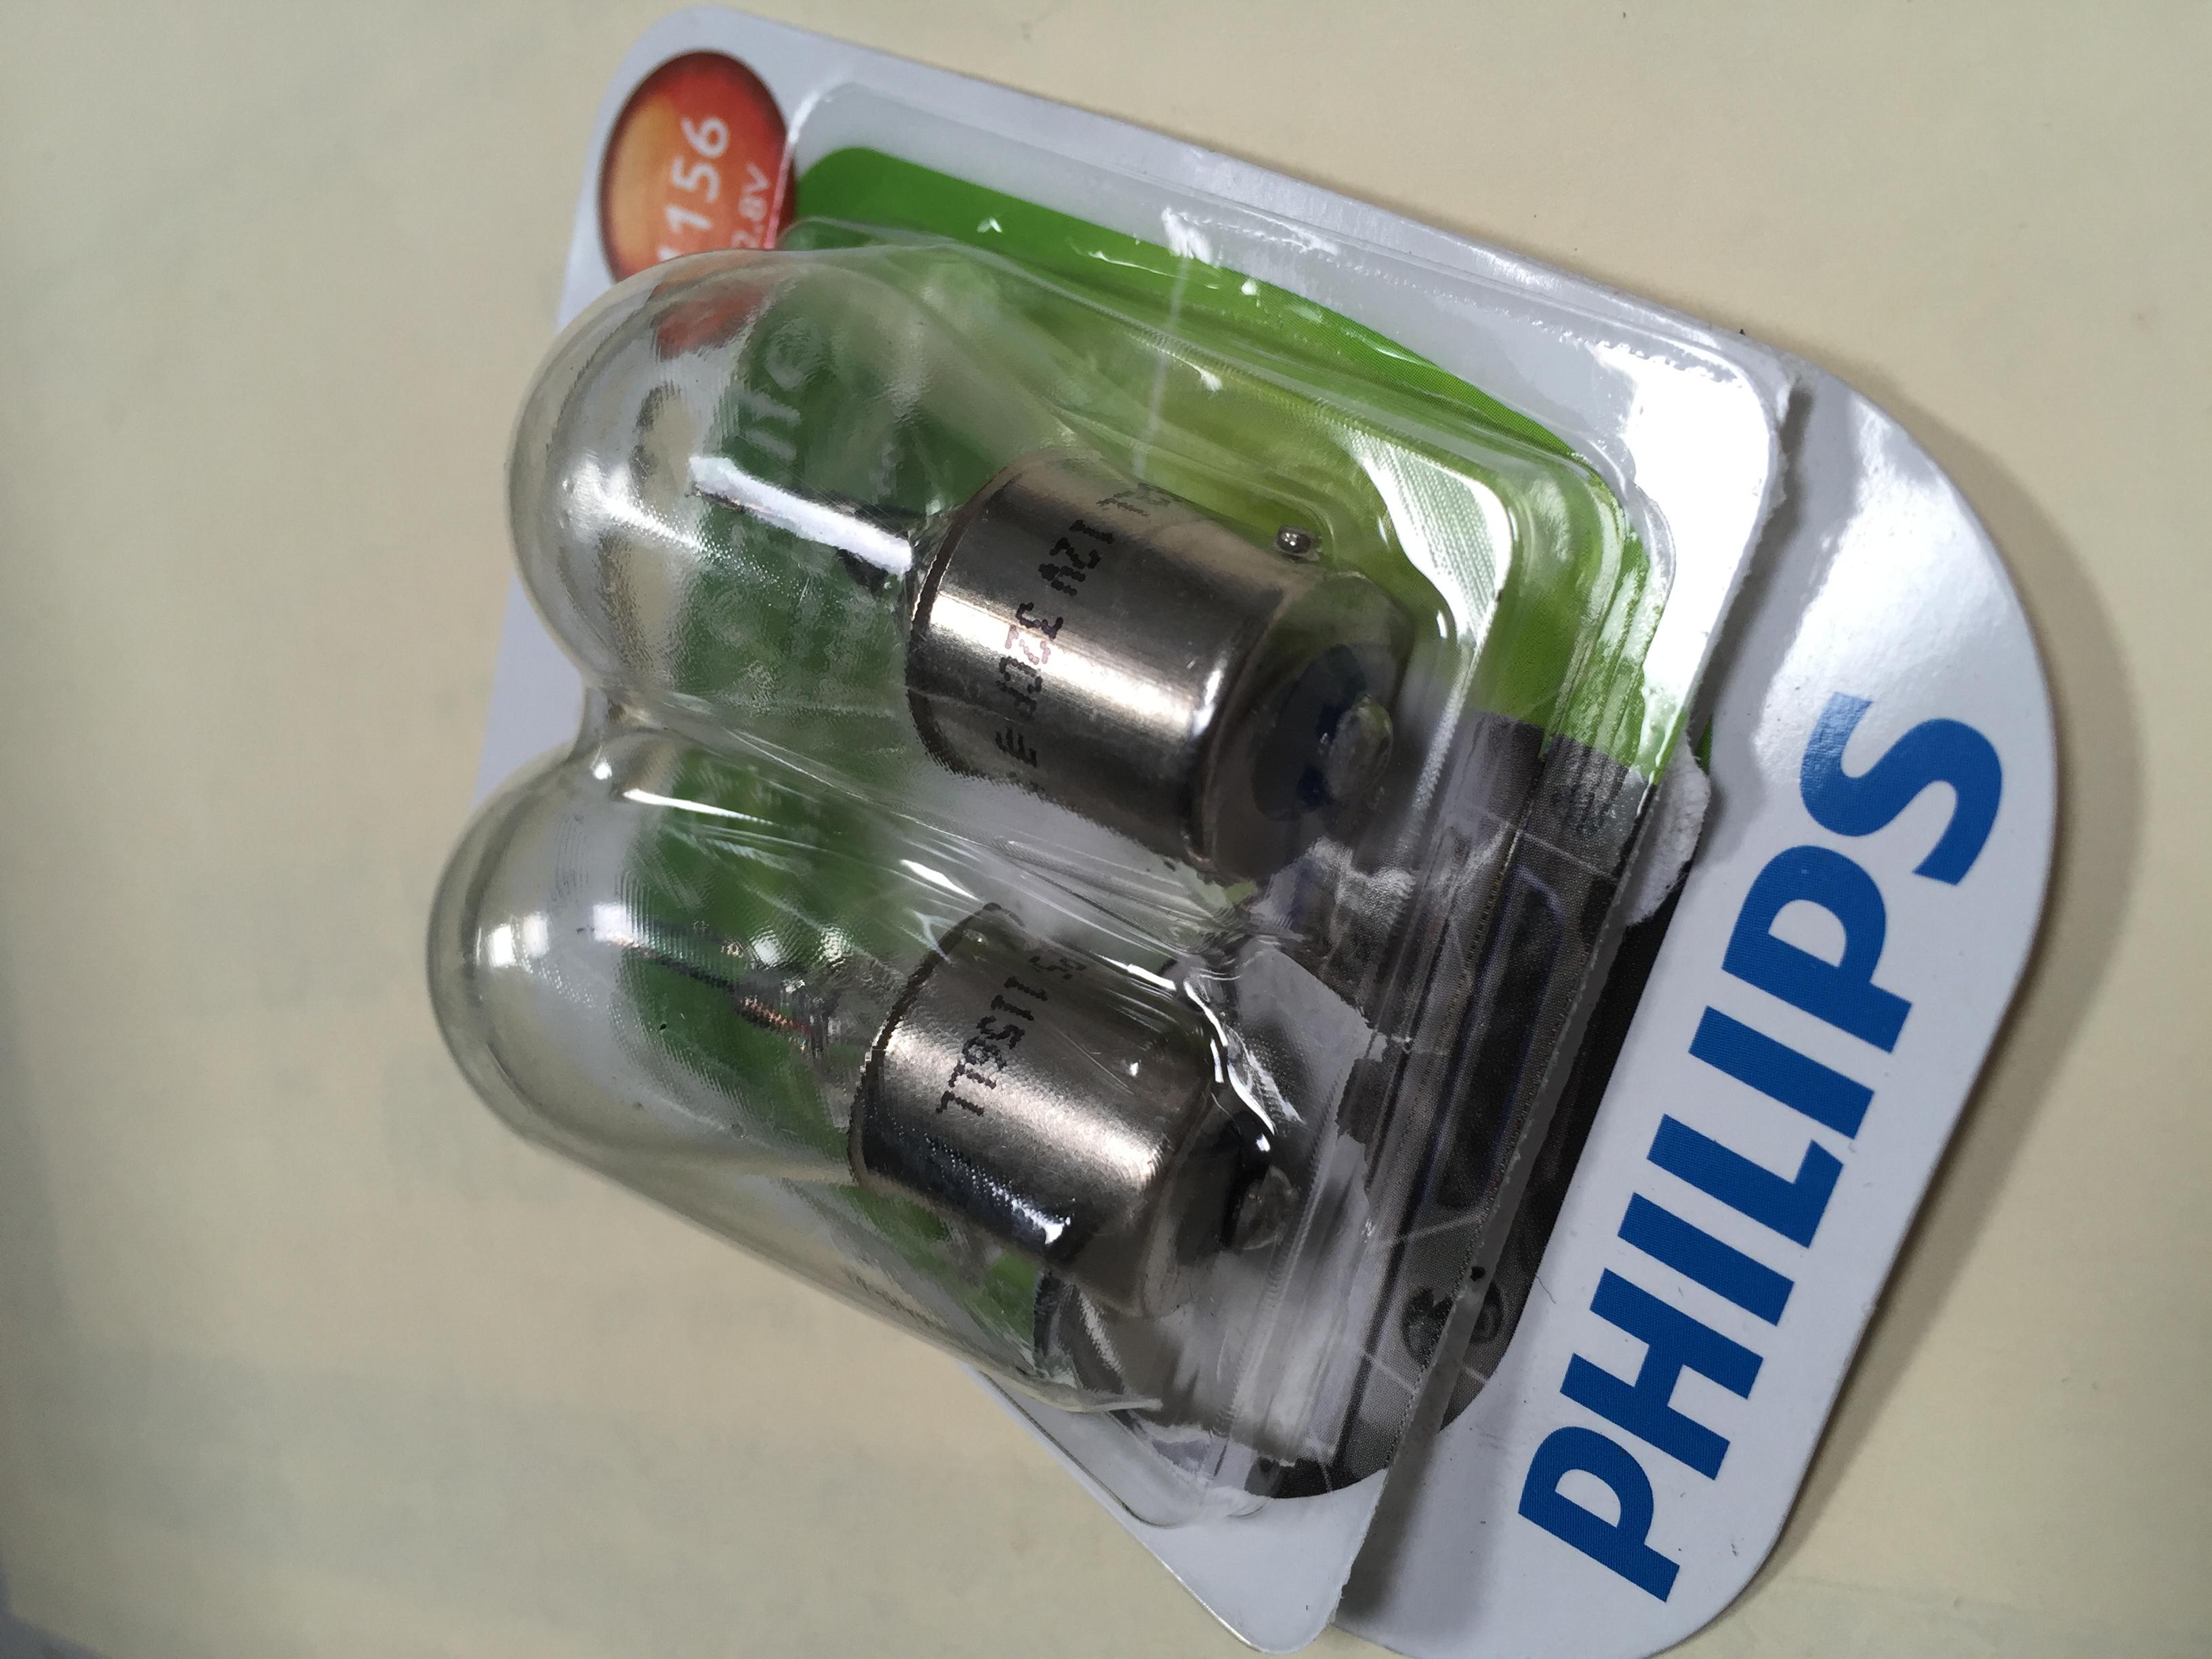 Philips 1156LL bulb